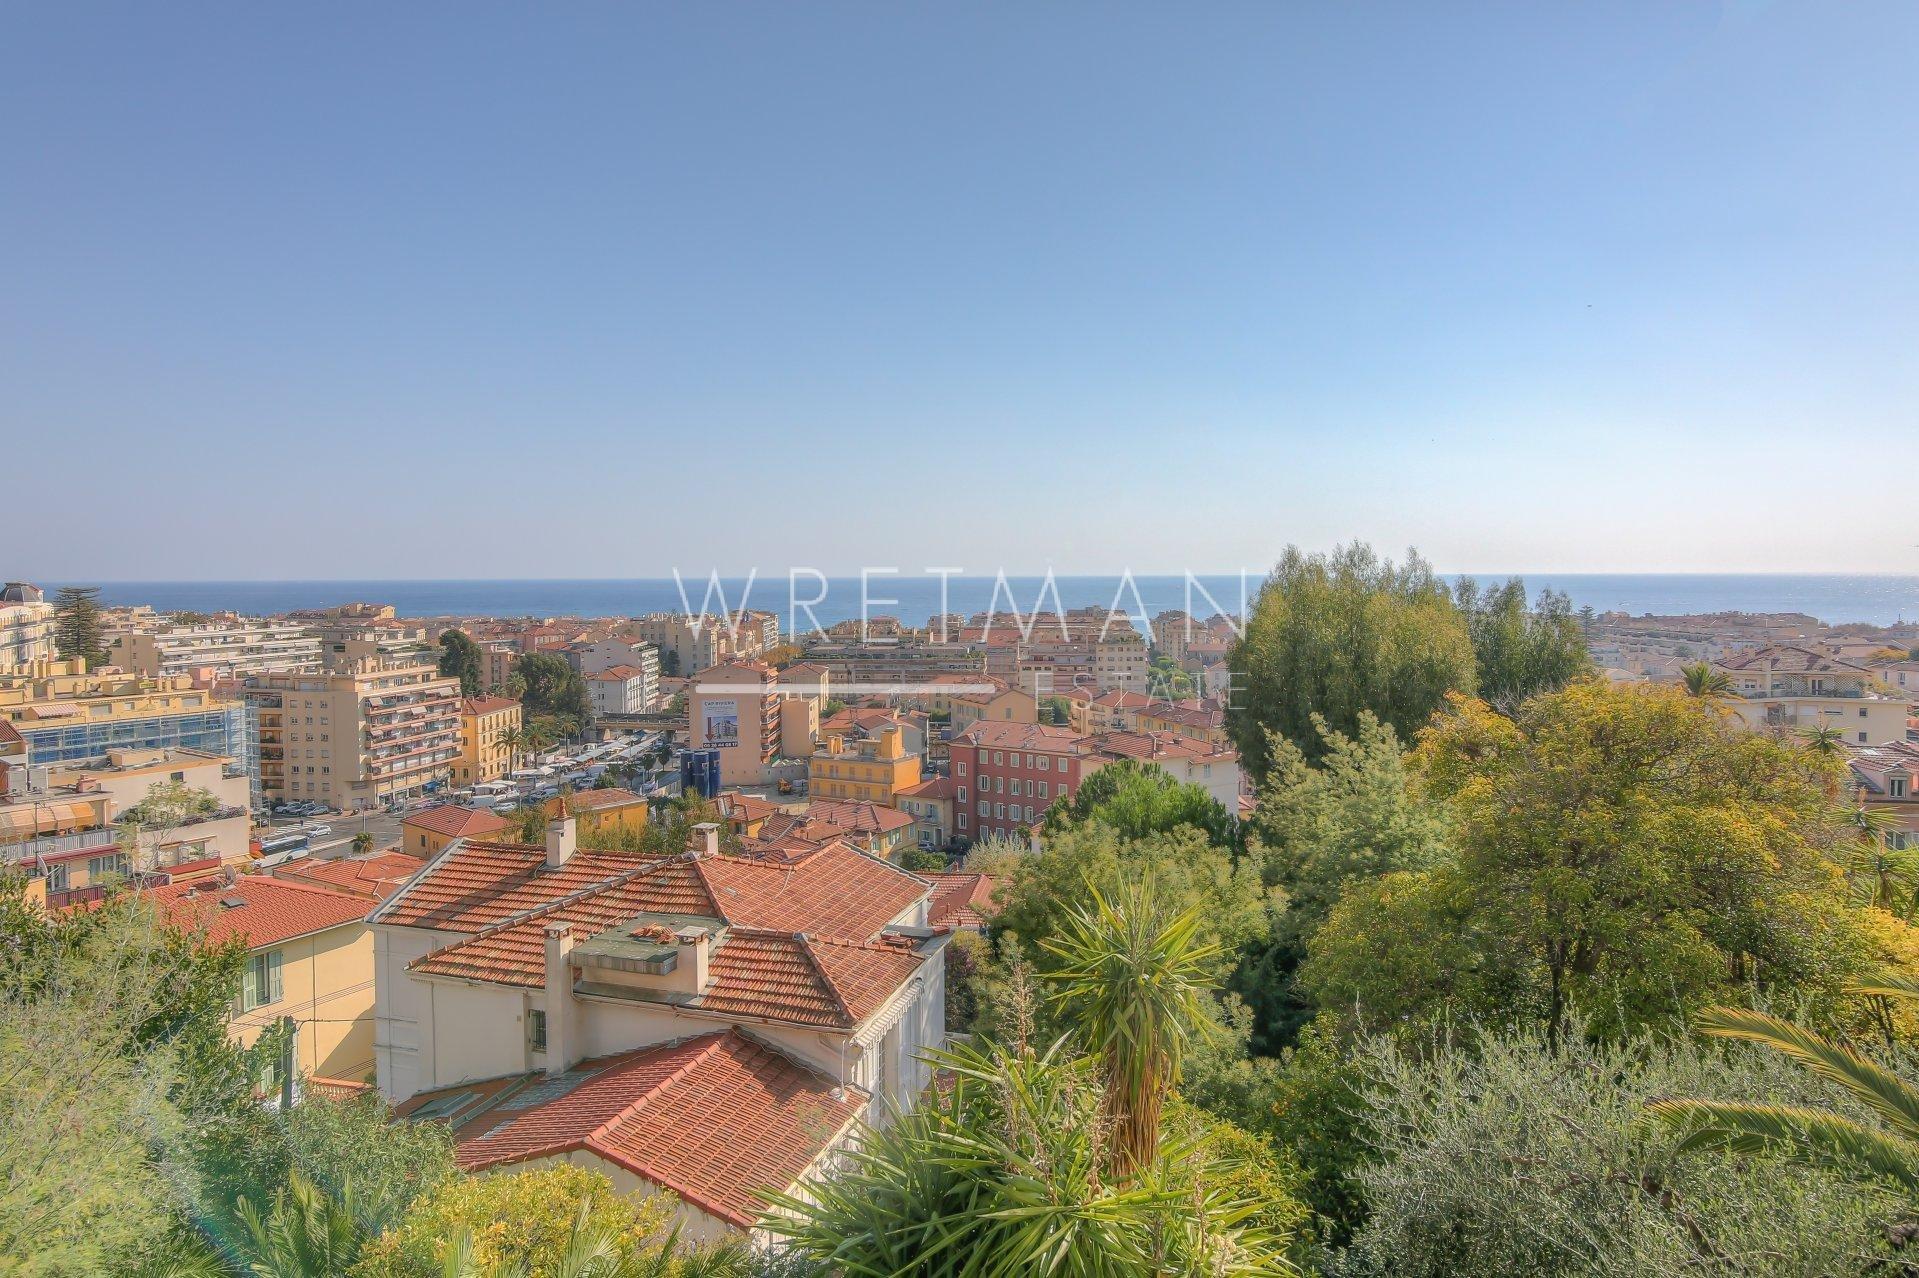 Enastående 6:a - Menton Riviera